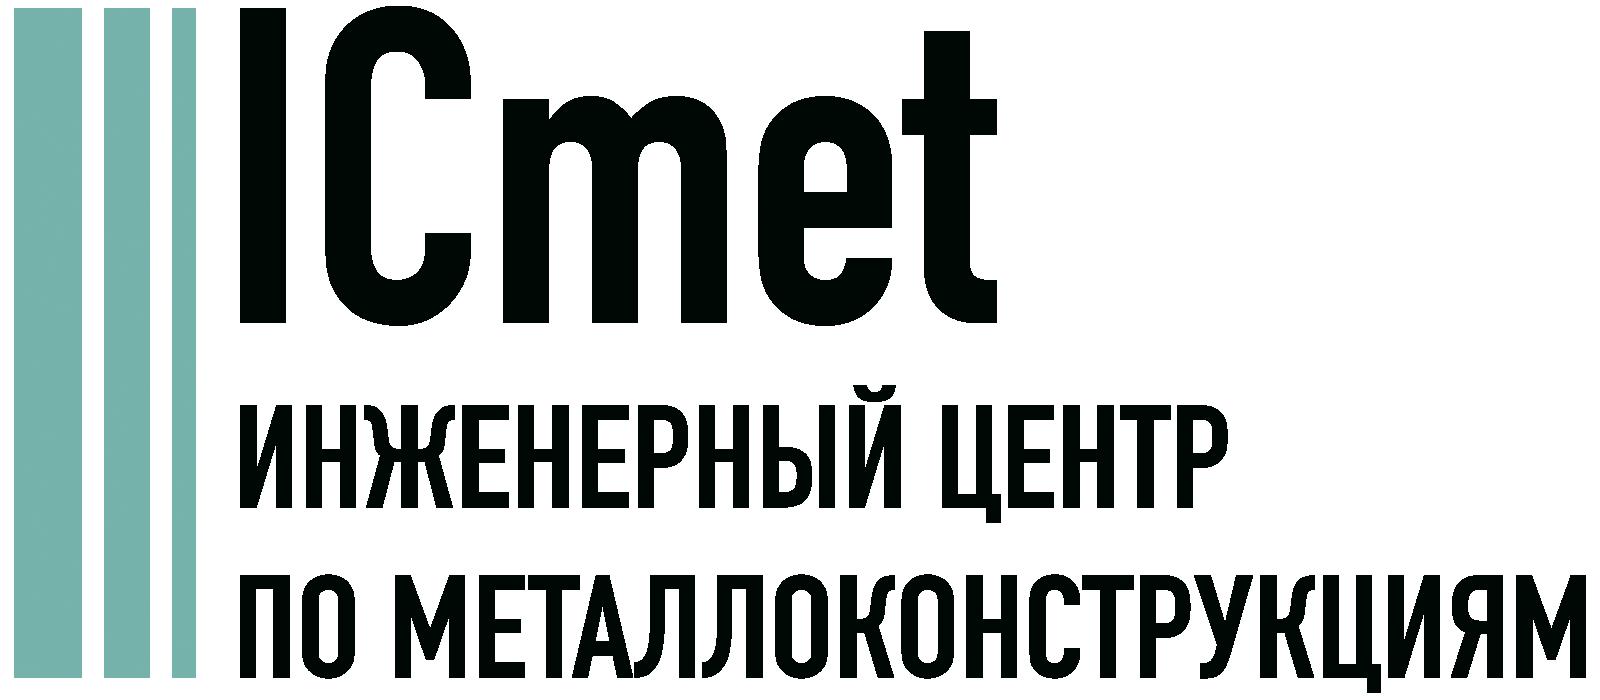 Проектирование металлоконструкций в Перми